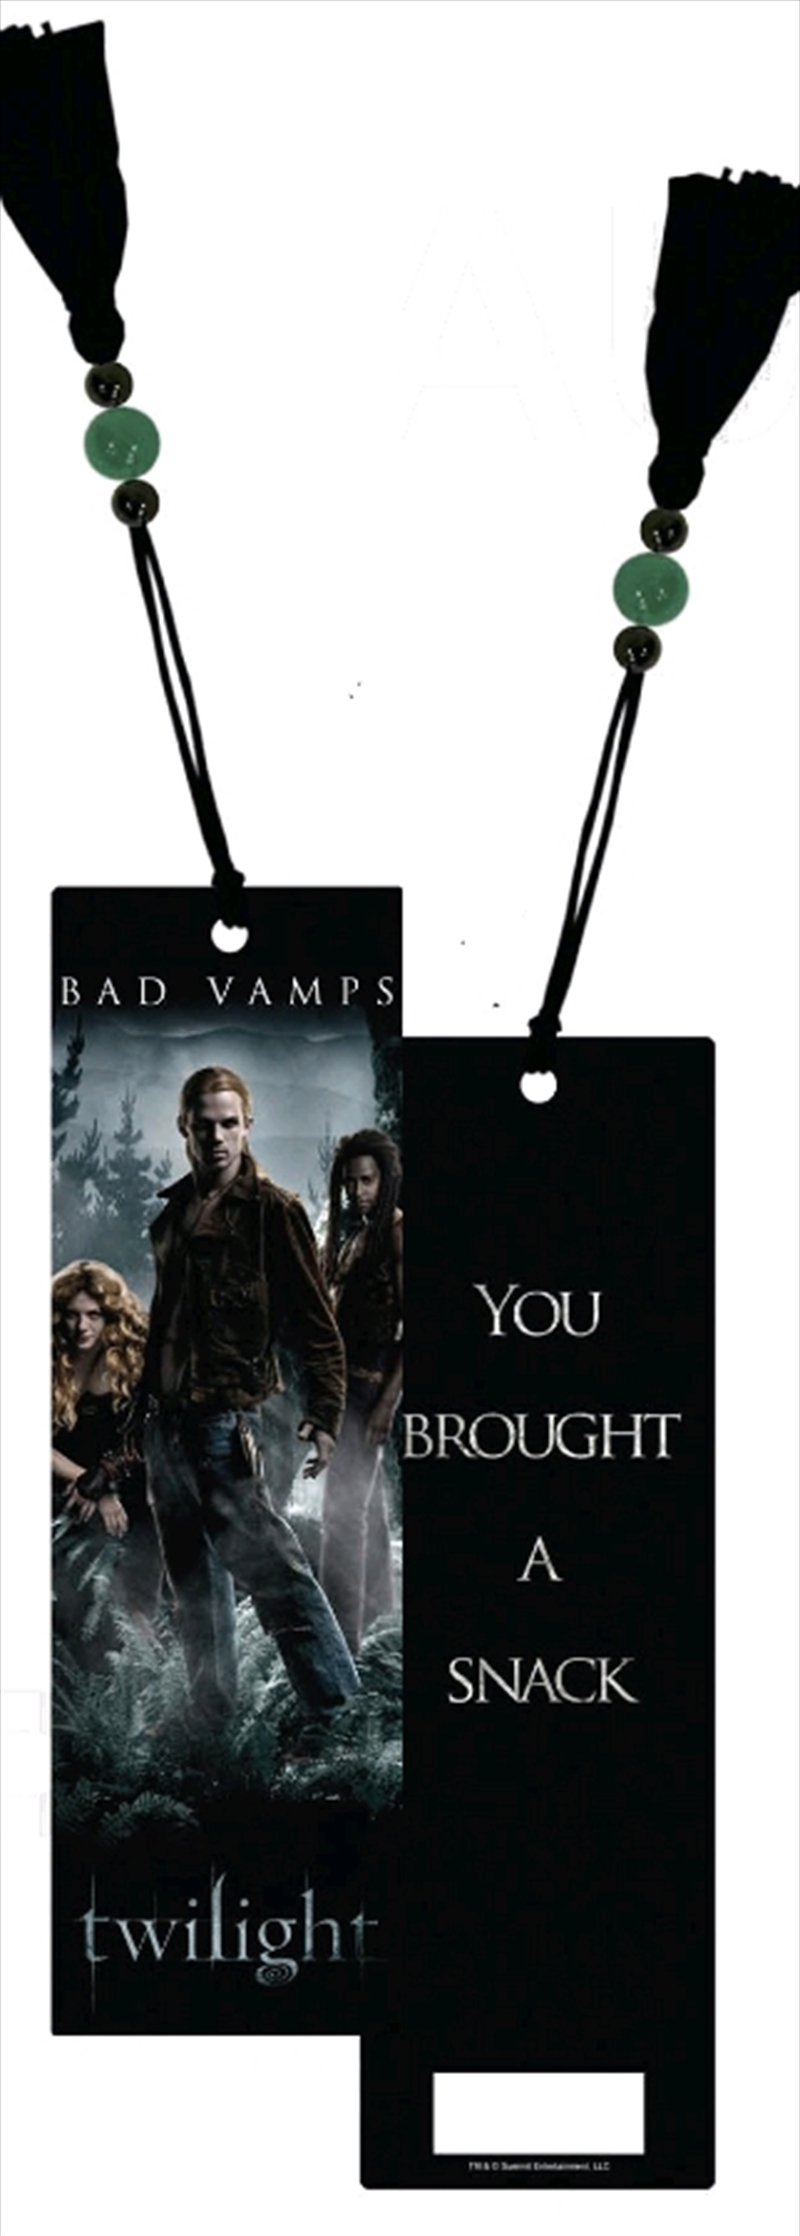 Twilight - Bookmark Bad Vamps Poster   Merchandise